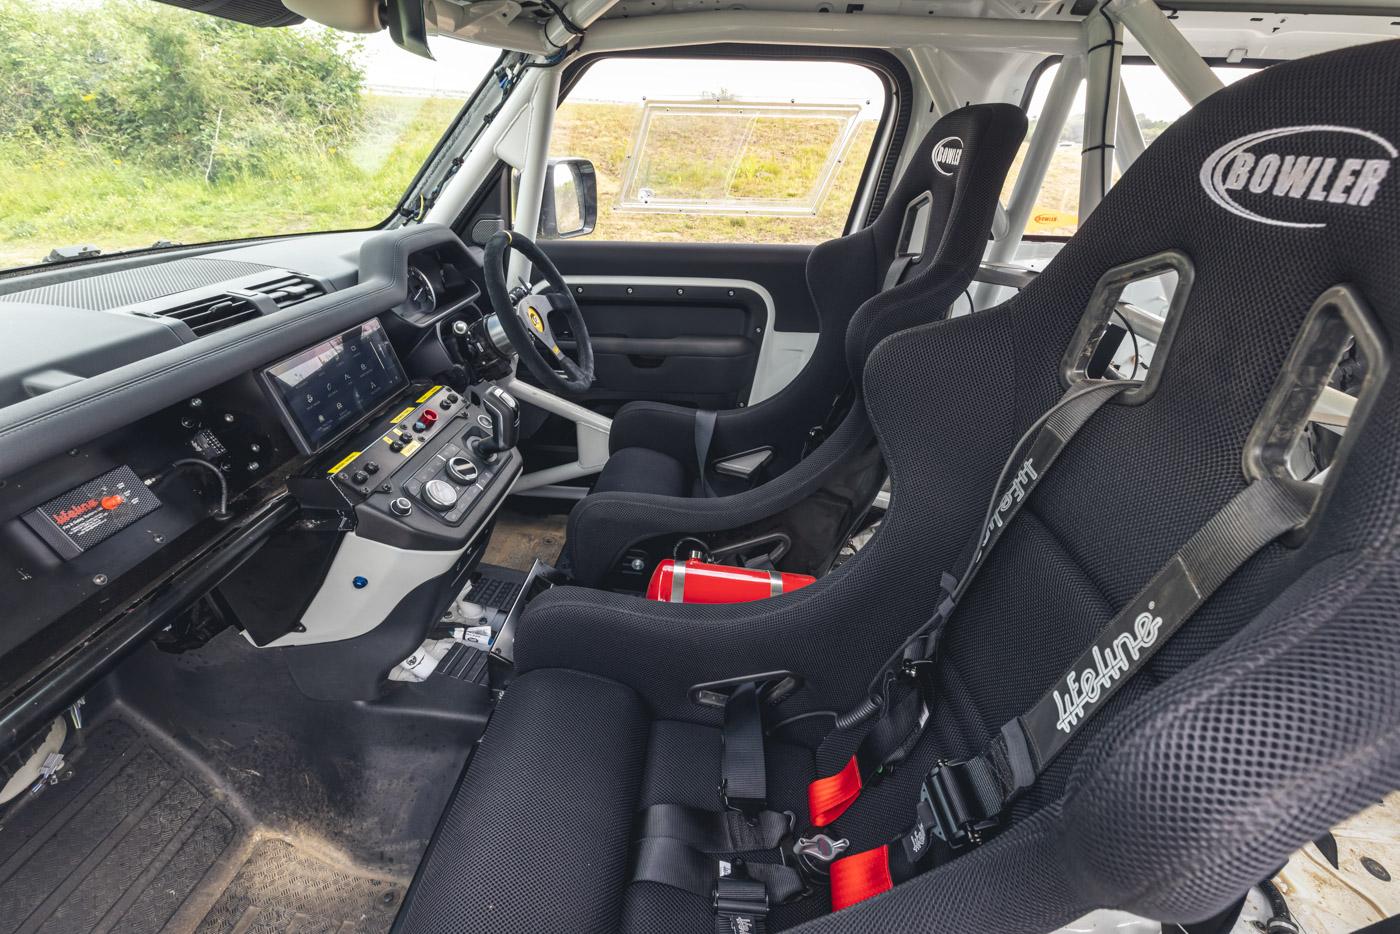 Land-Rover-hợp-tác-cùng-Bowler-ra-mắt-phiên-bản-đua-địa-hình-của-Defender-35.jpg